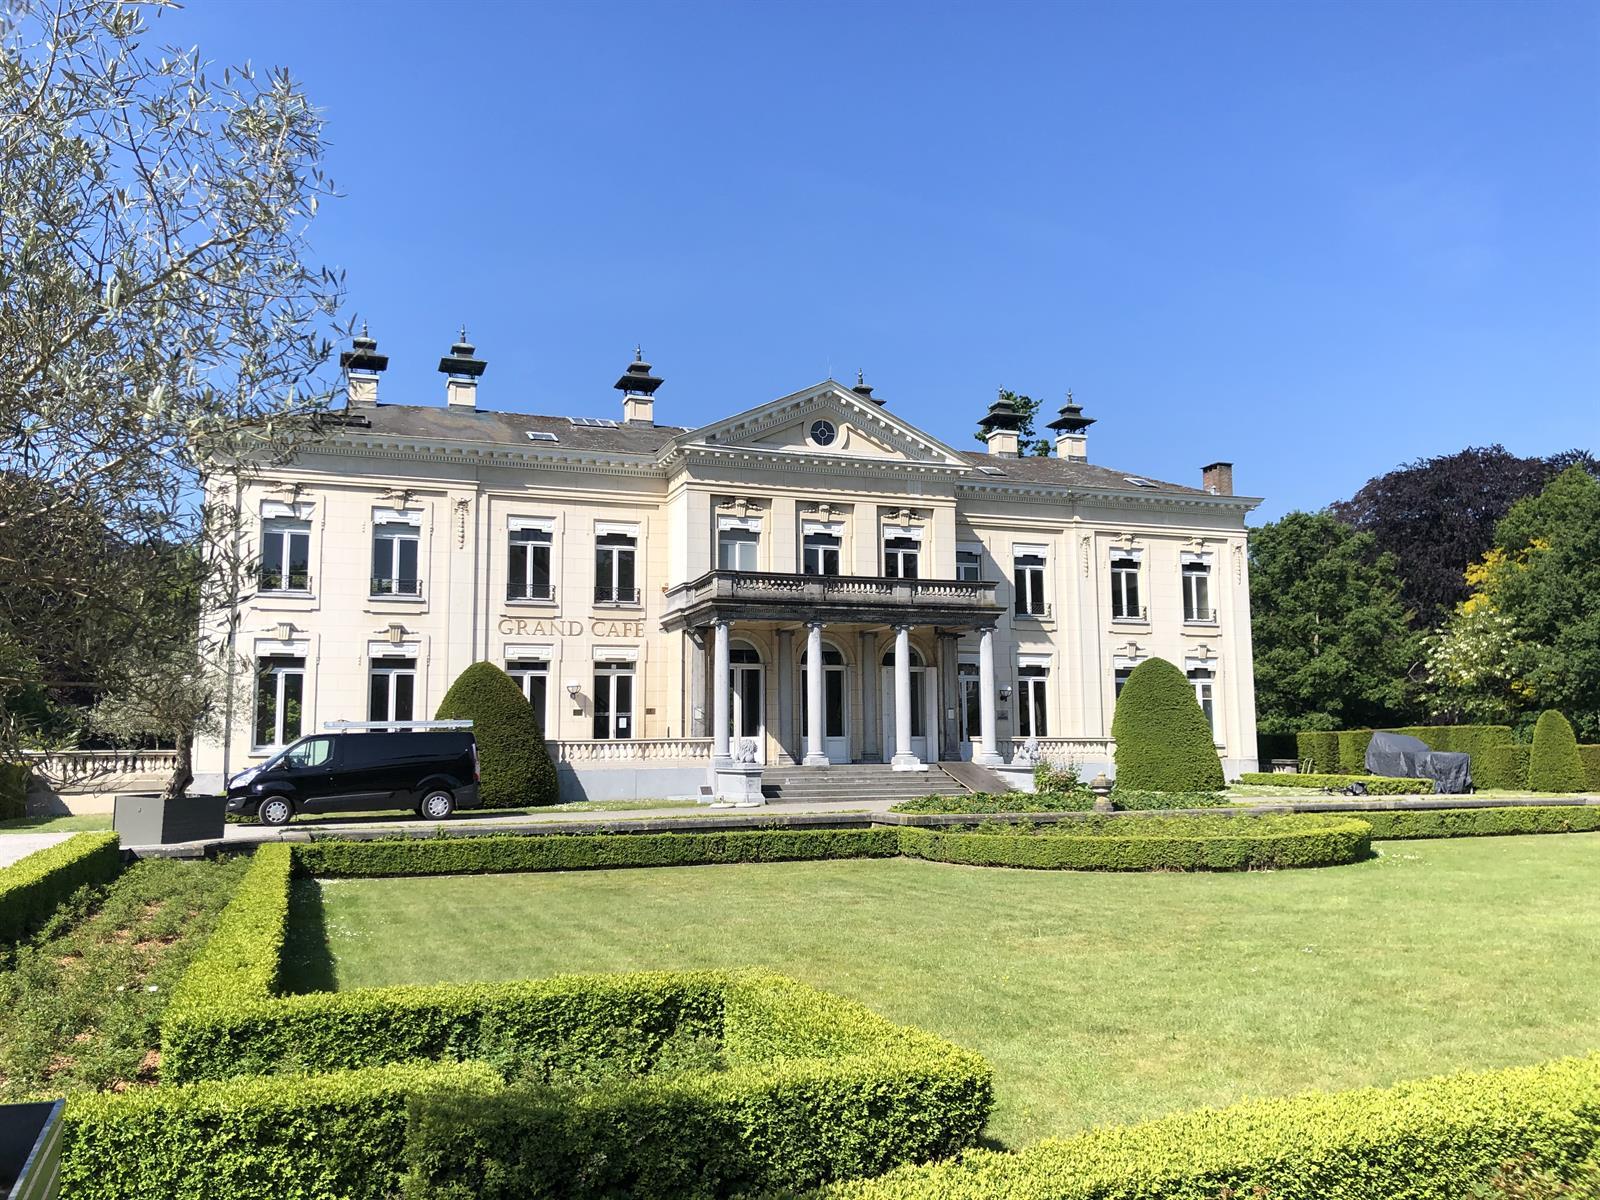 kantoor te huur Kantoorruimte in kasteel den Brandt - Beukenlaan 12, 2020 Antwerpen, België 1